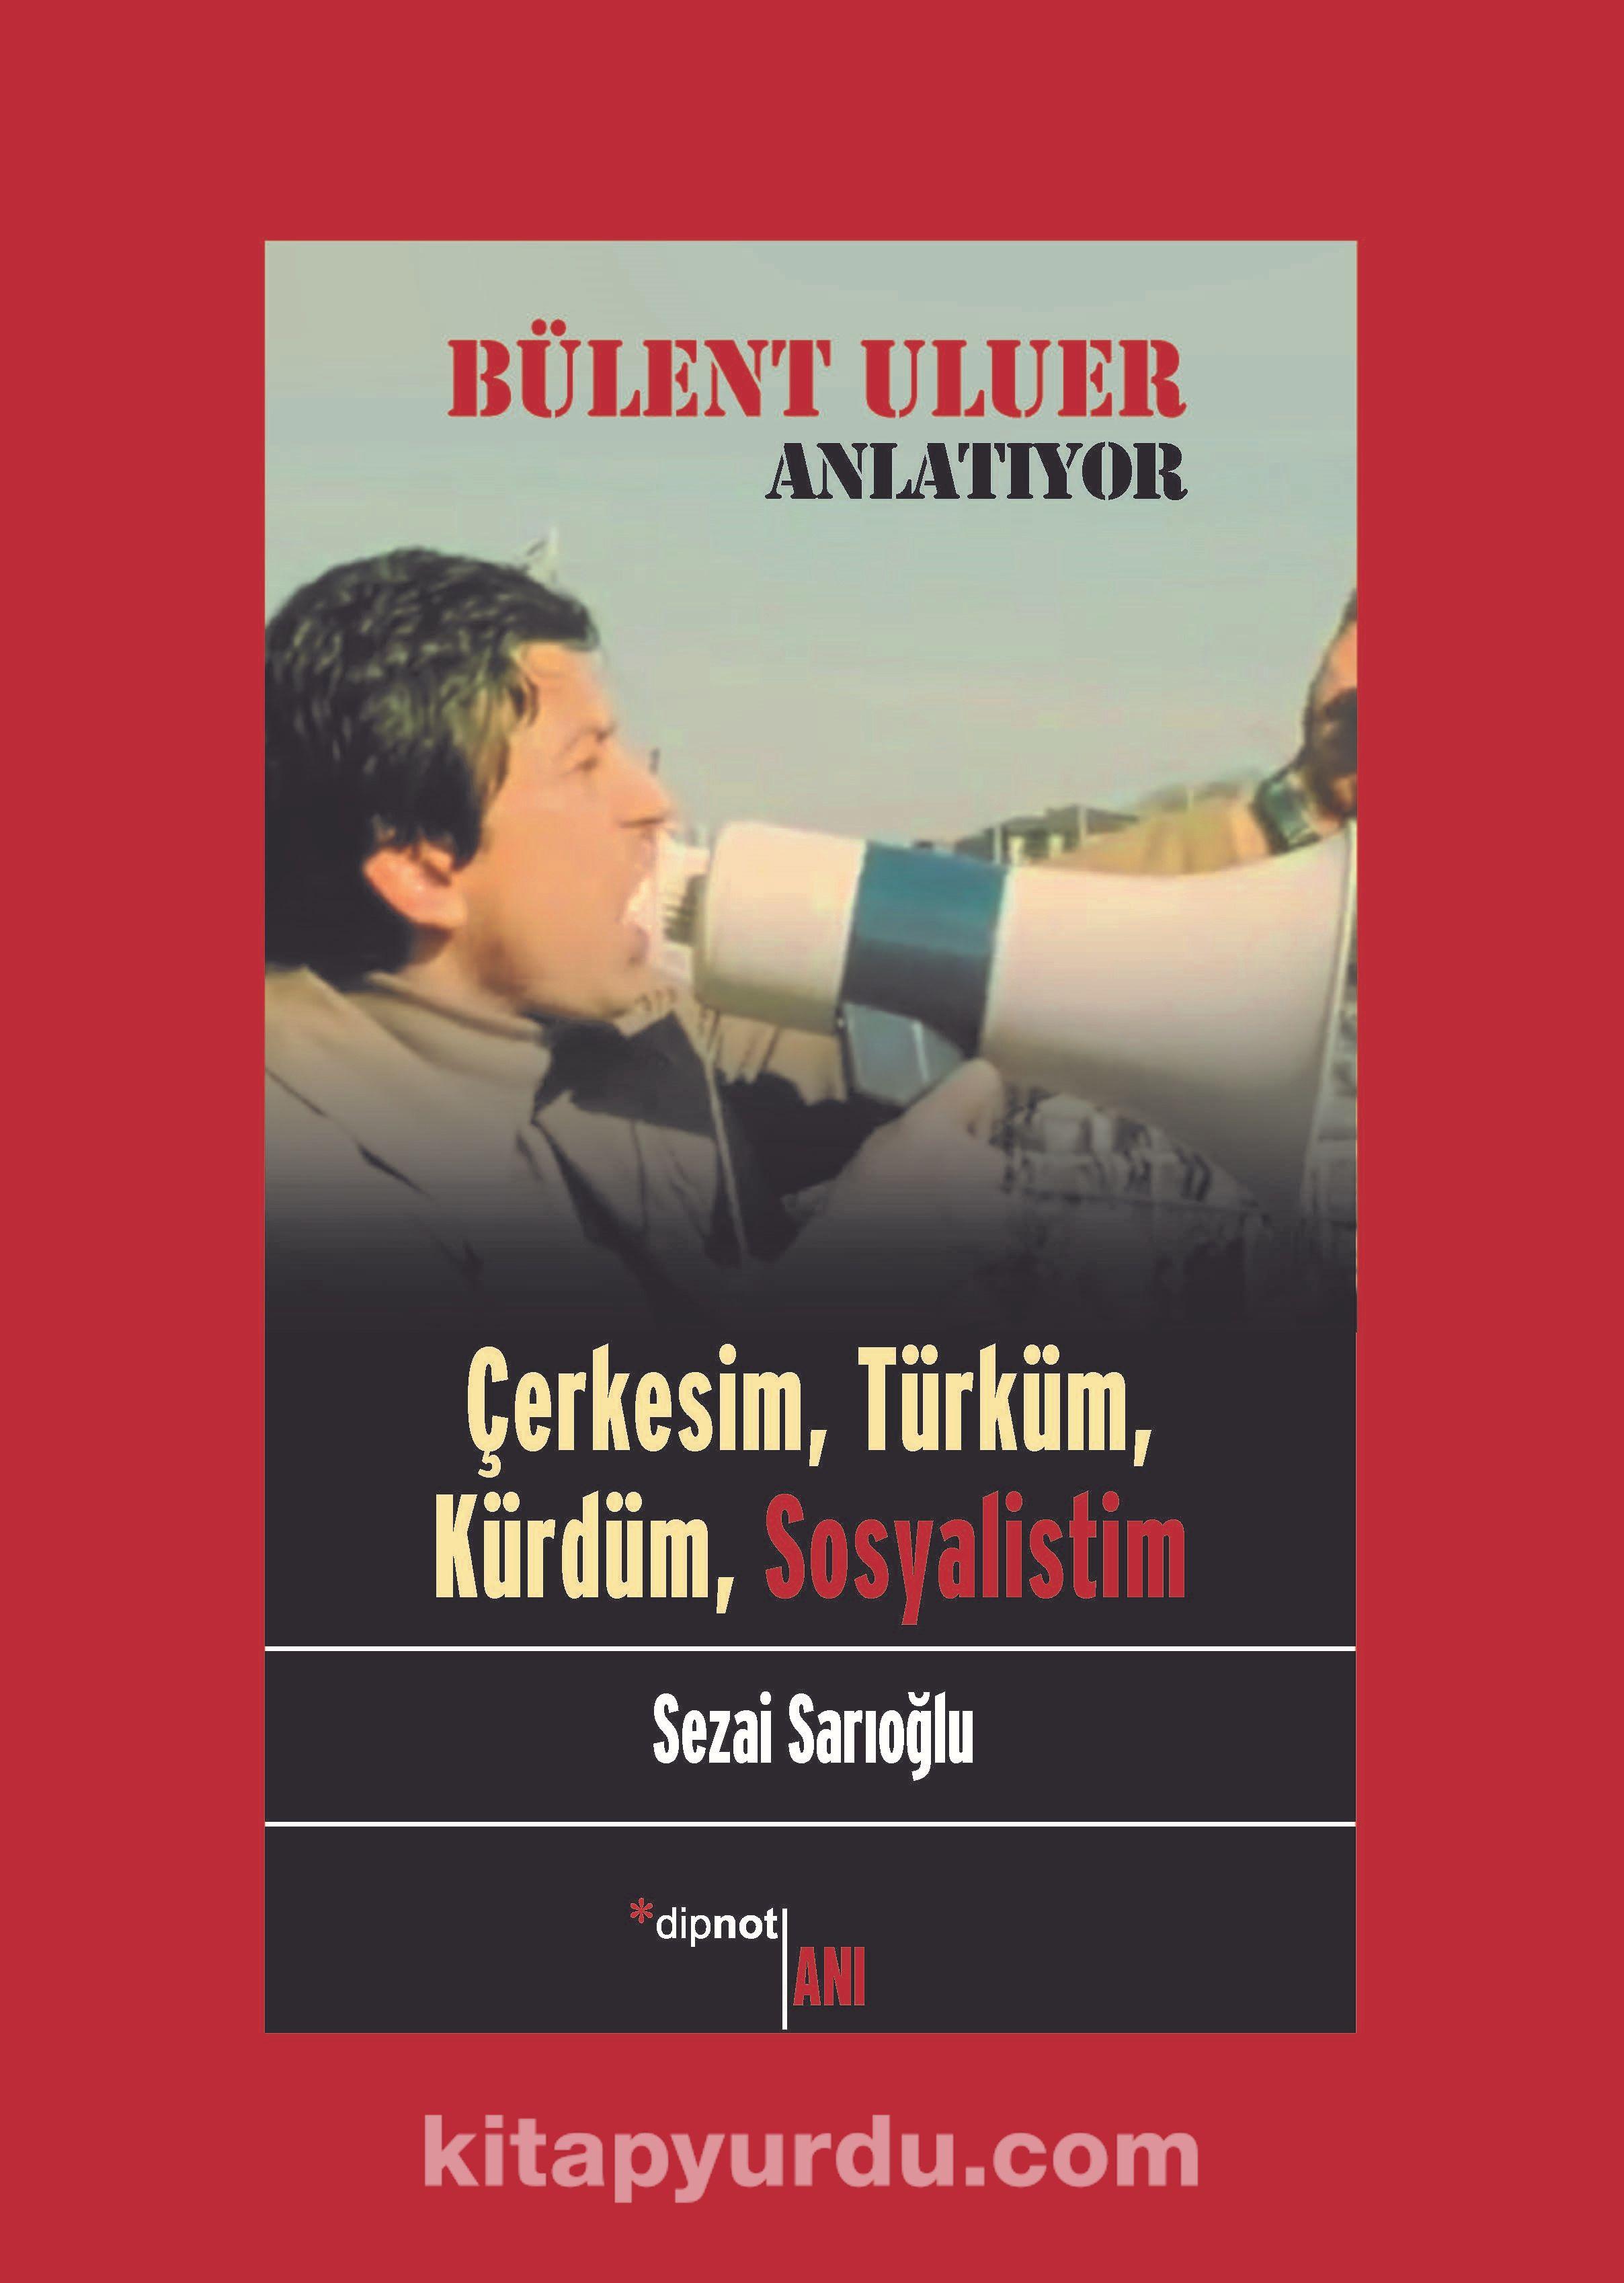 Bülent Uluer Anlatıyor: Çerkesim, Türküm, Kürdüm, Sosyalistim - Sezai Sarıoğlu pdf epub